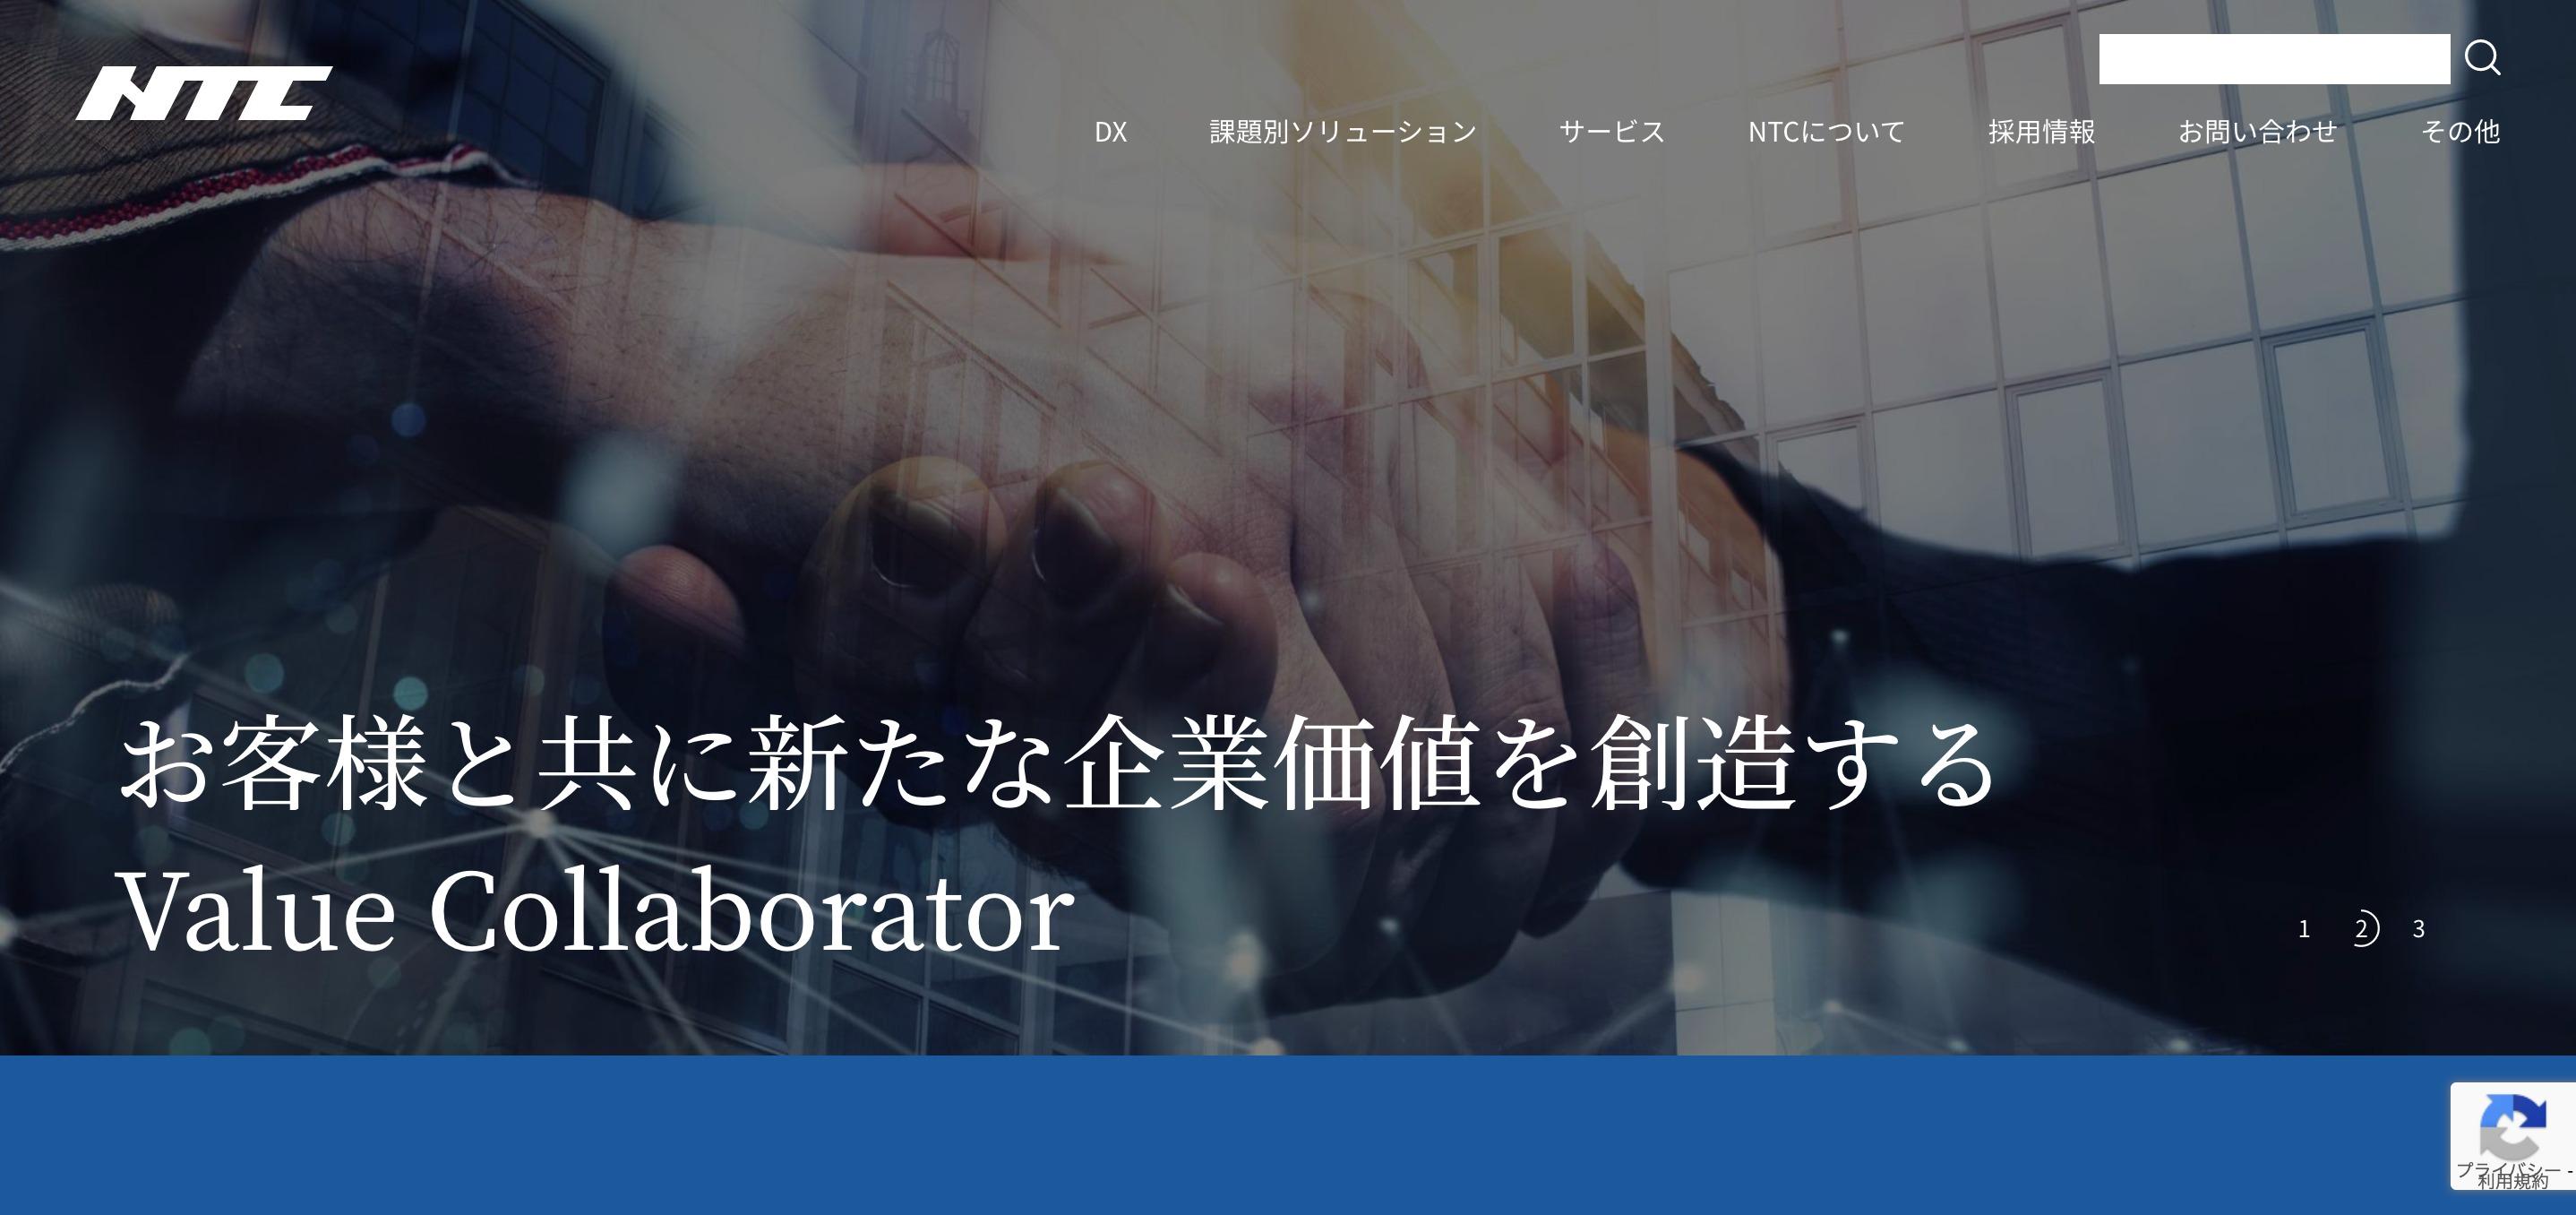 株式会社NTC ホームページ キャプチャ画像